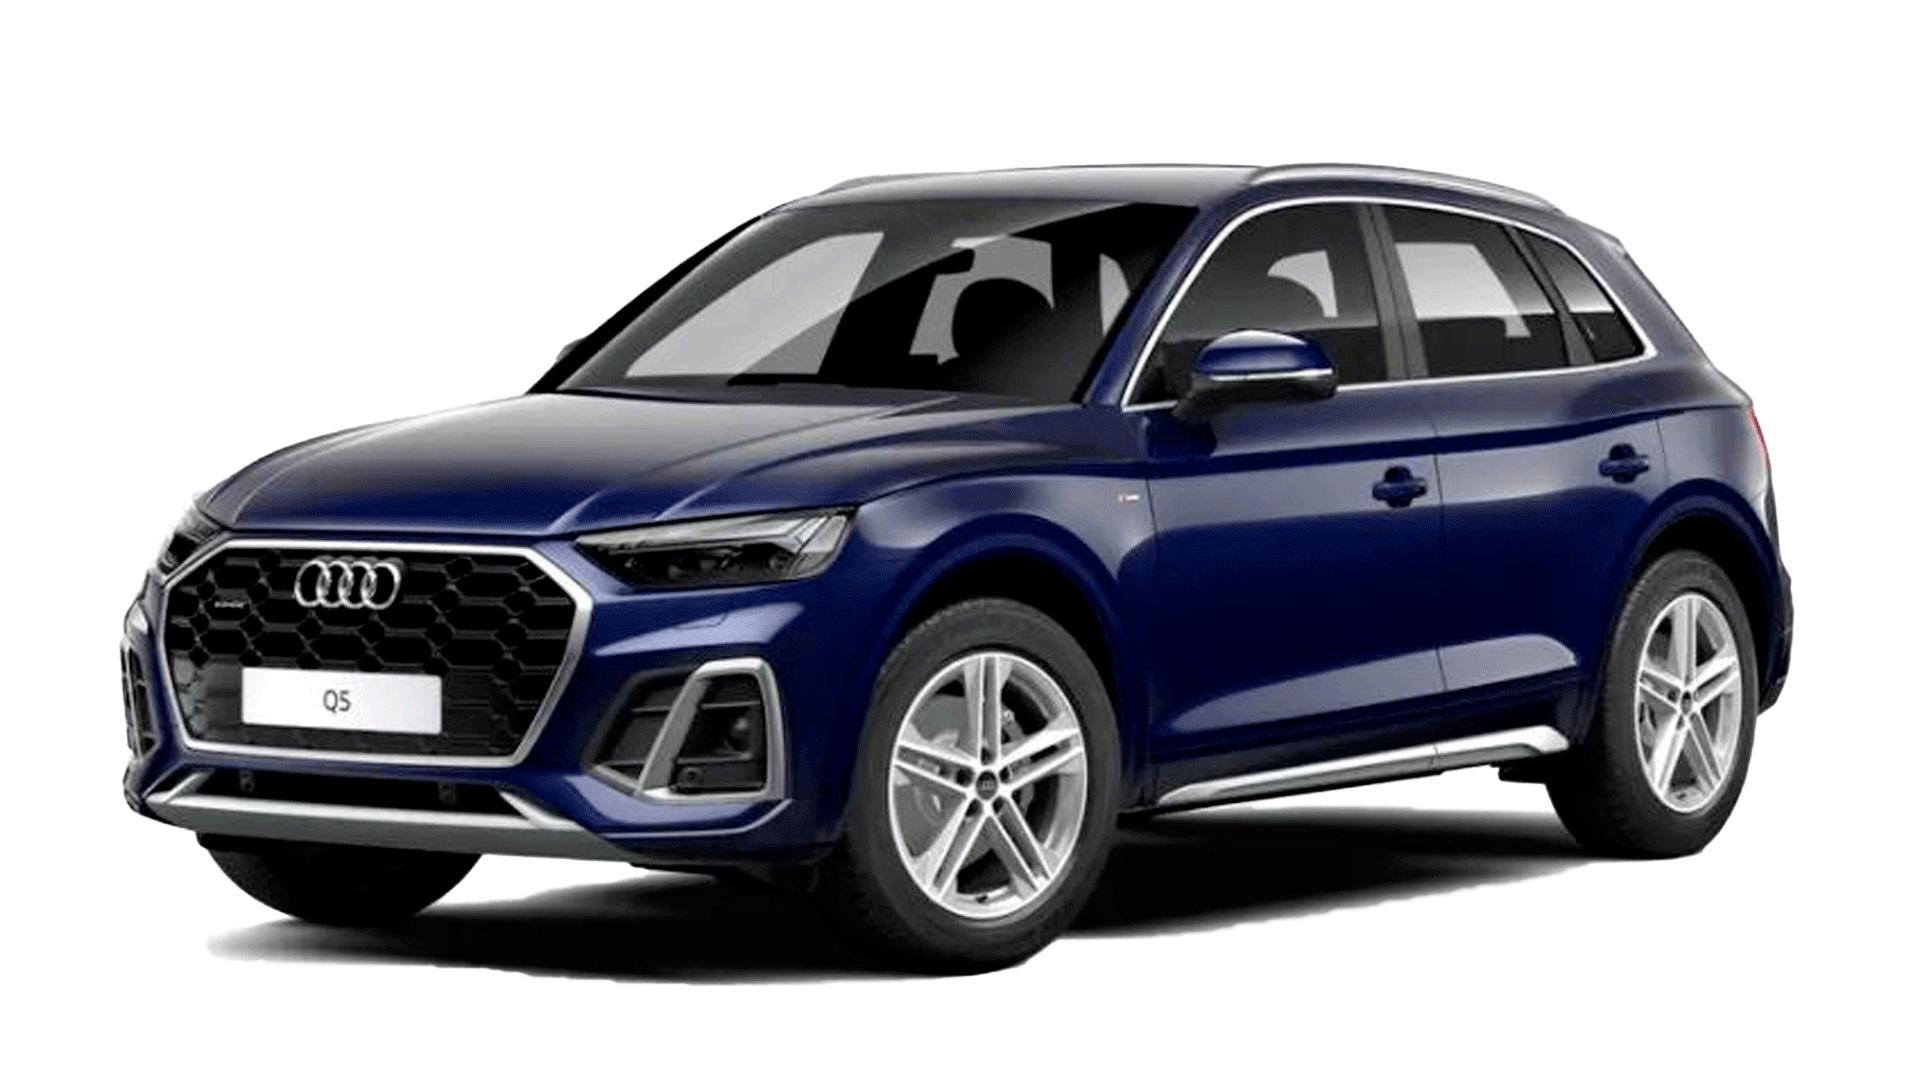 Imagen-oferta-Audi-Q5